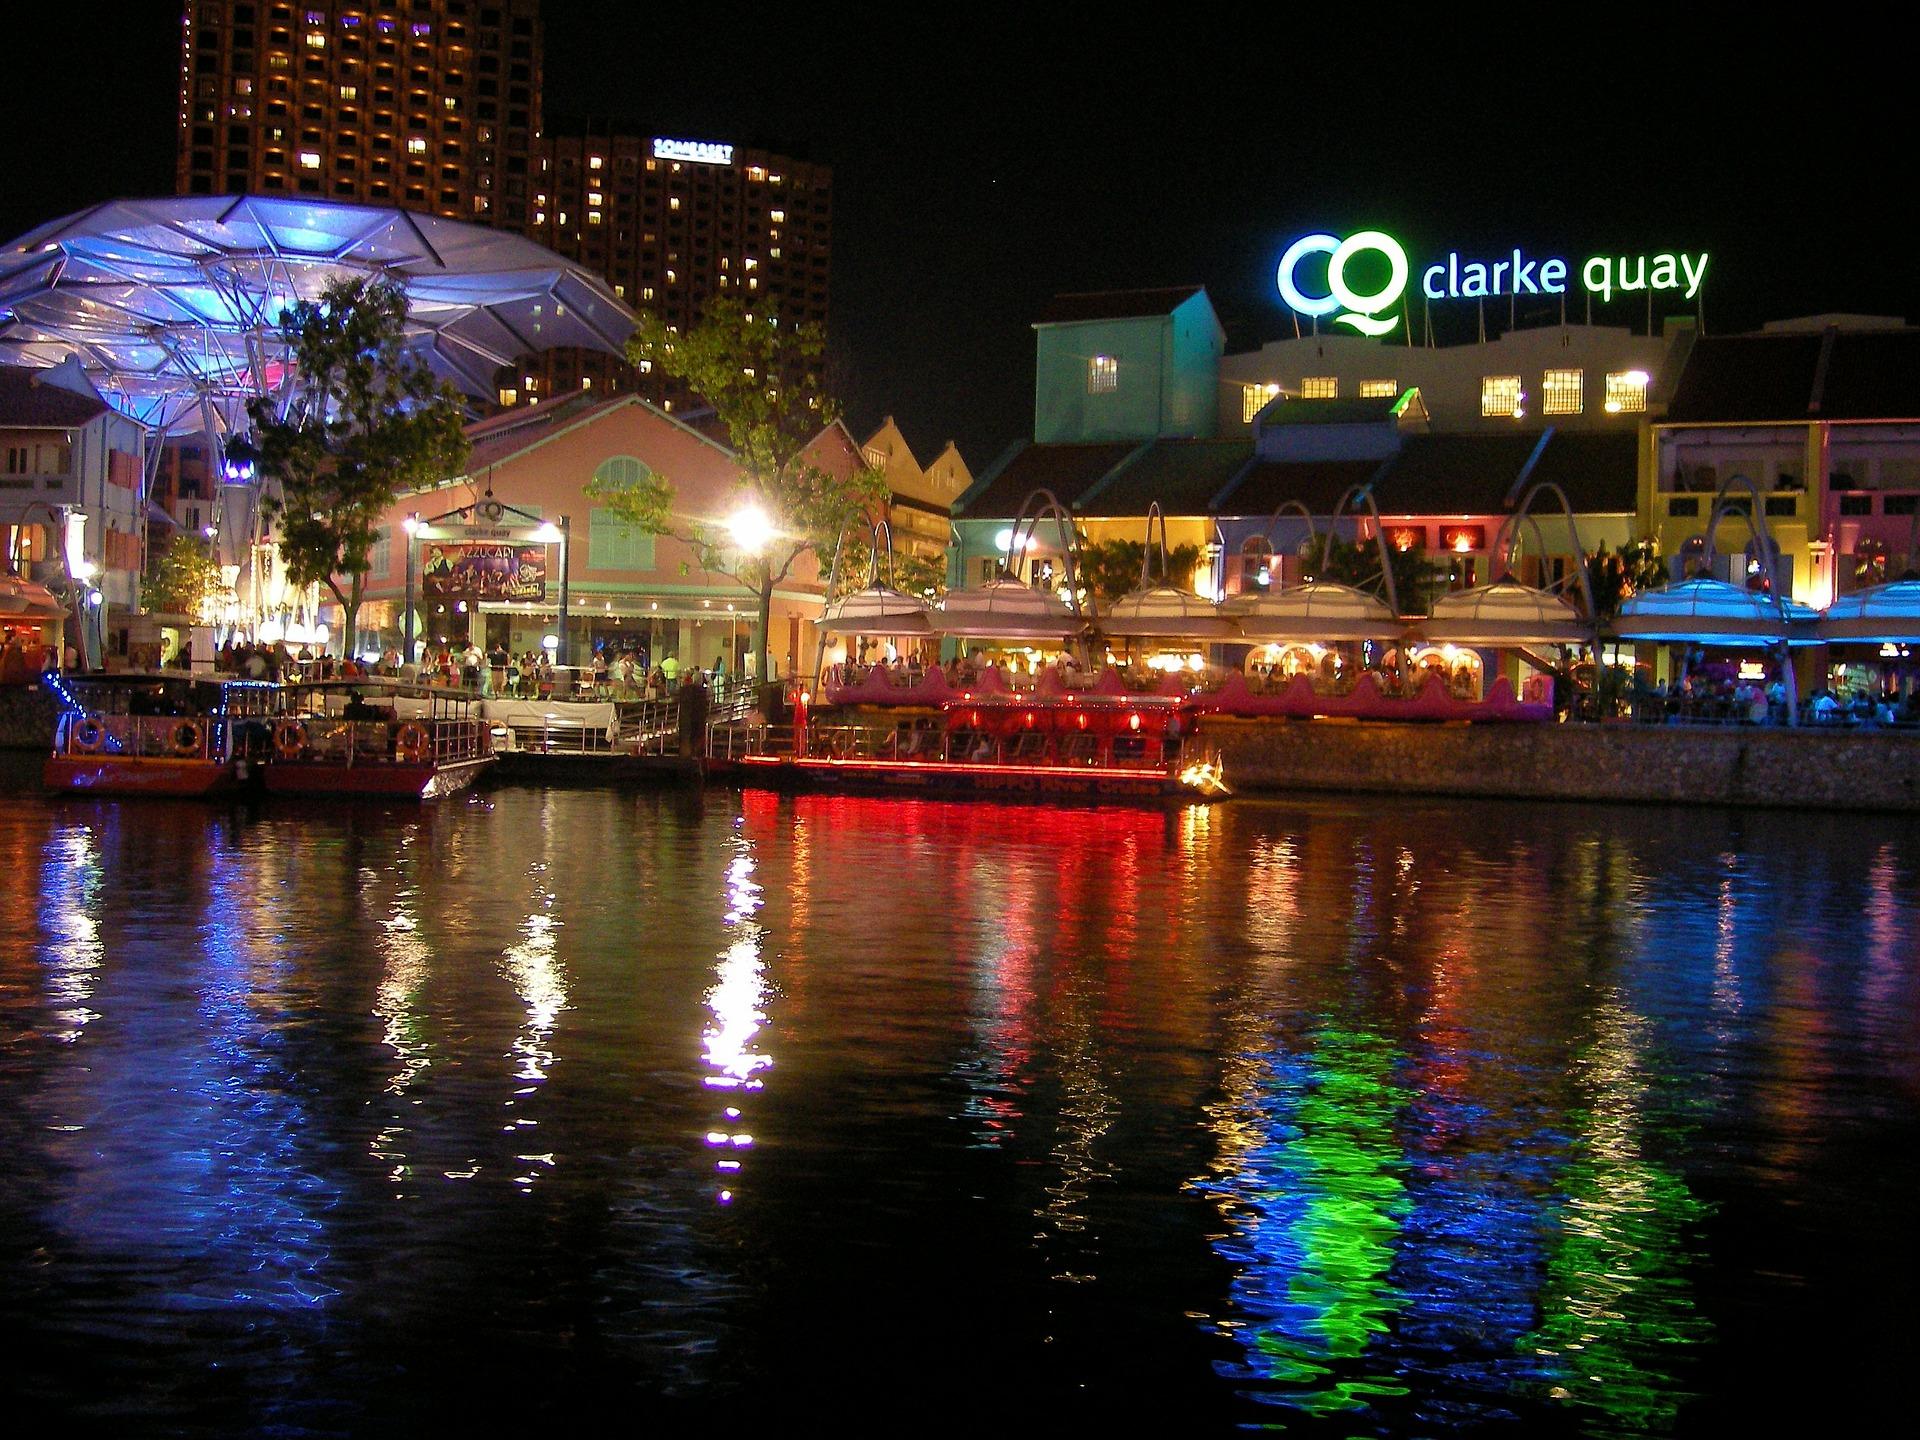 singapore-Clarke Quay